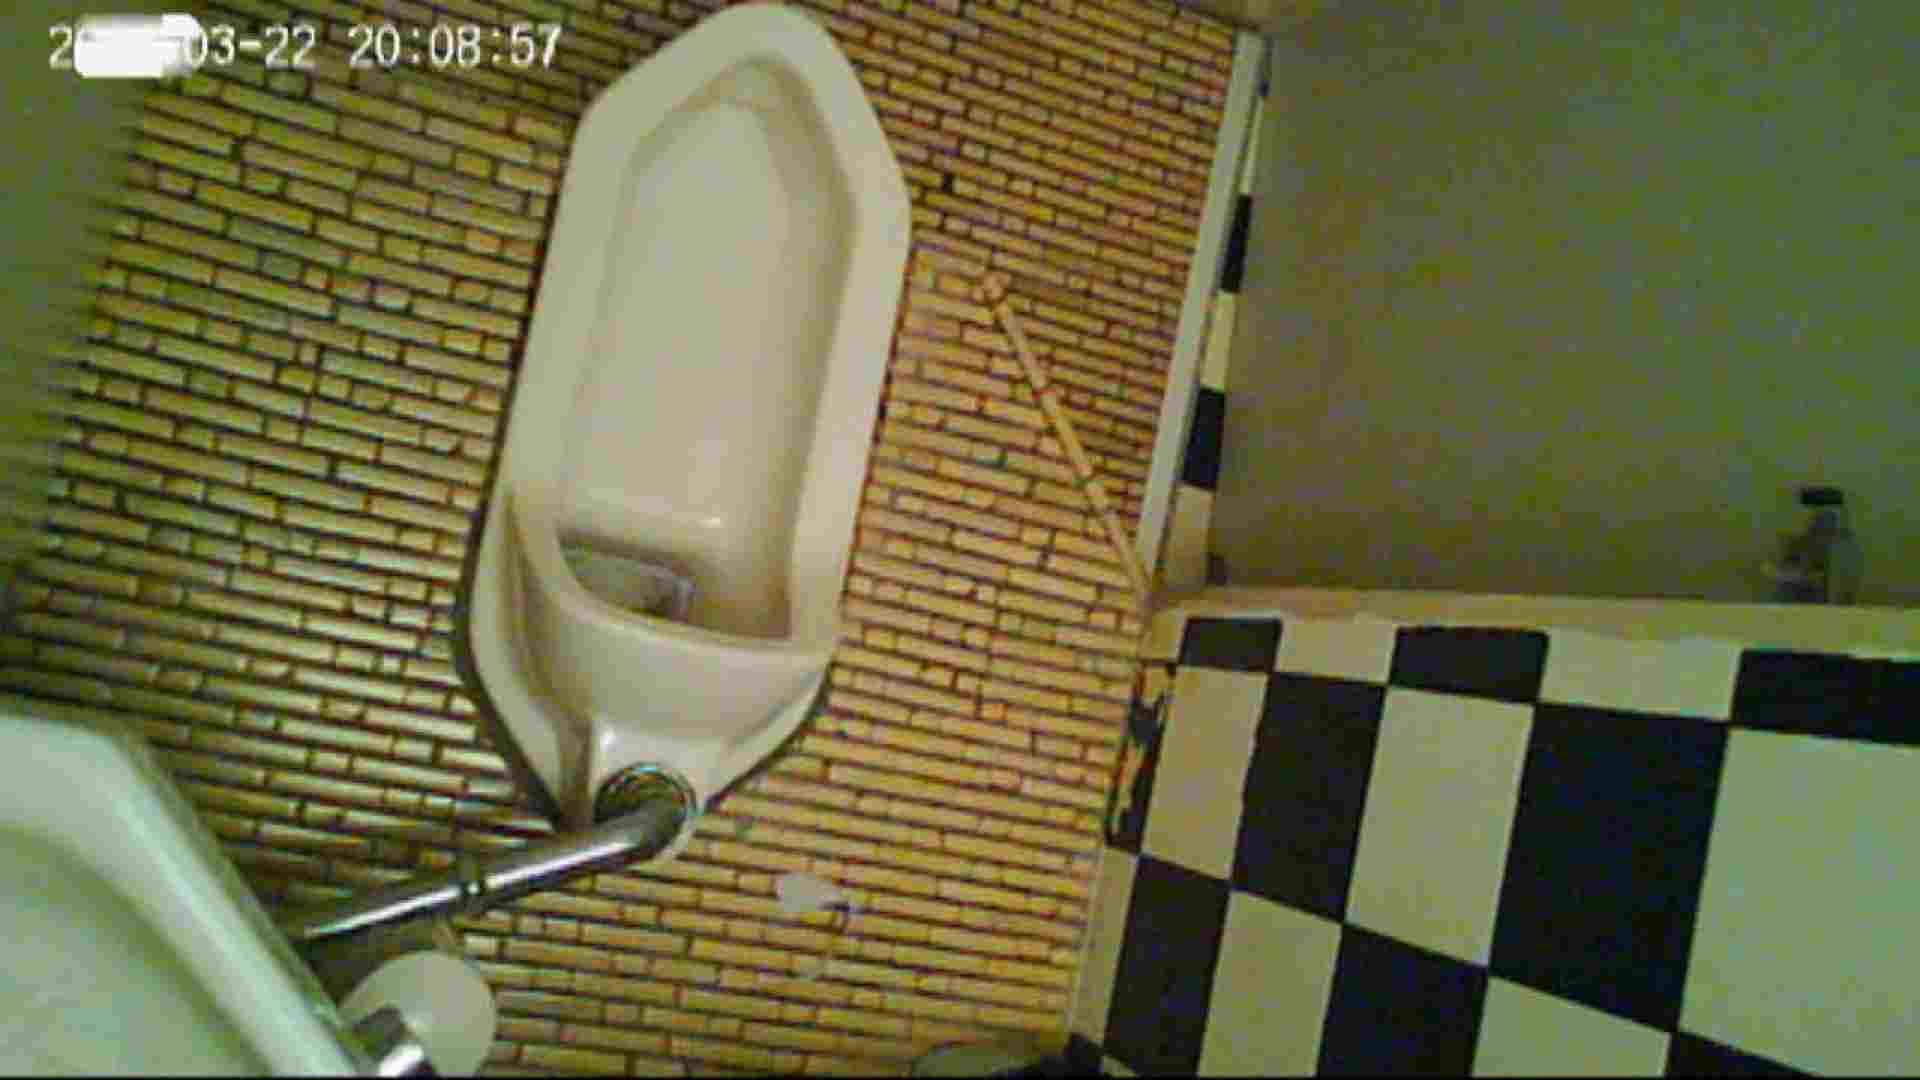 和式トイレの喫茶店店主マロンさんのコレクションvol.3 リアルトイレ  96Pix 66